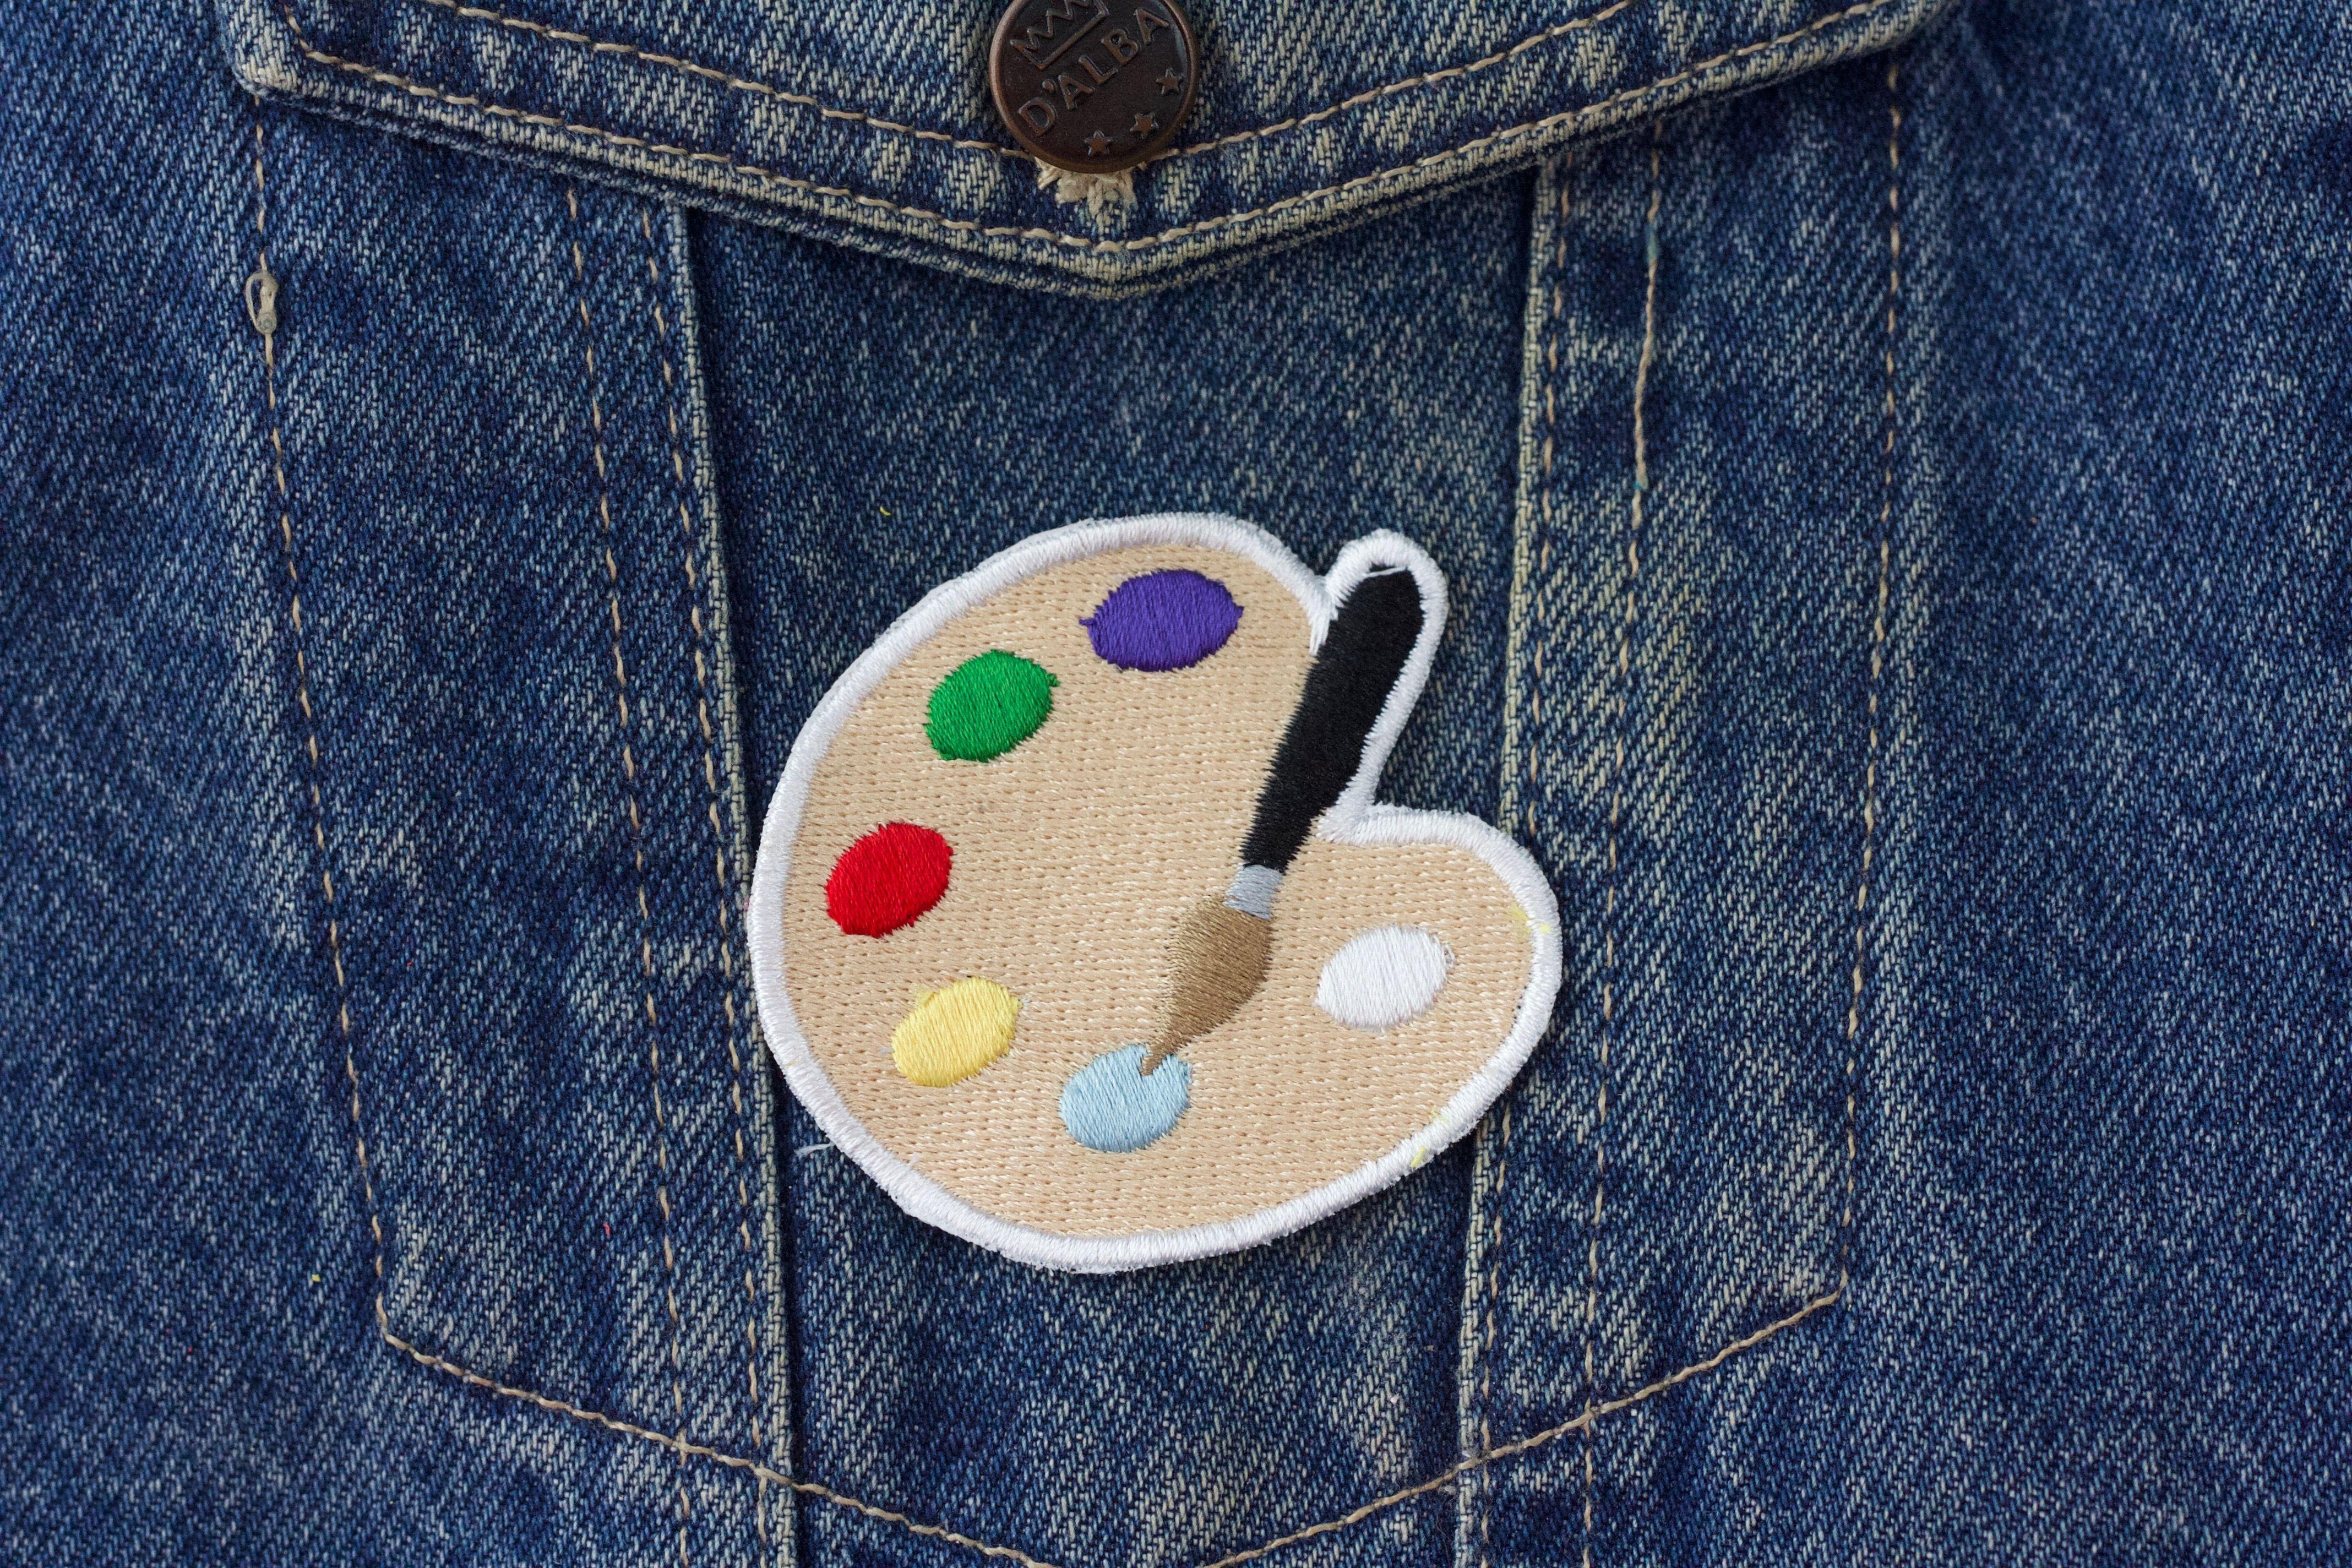 Paleta de artistas emoji Parche, bordado aplique, coser en